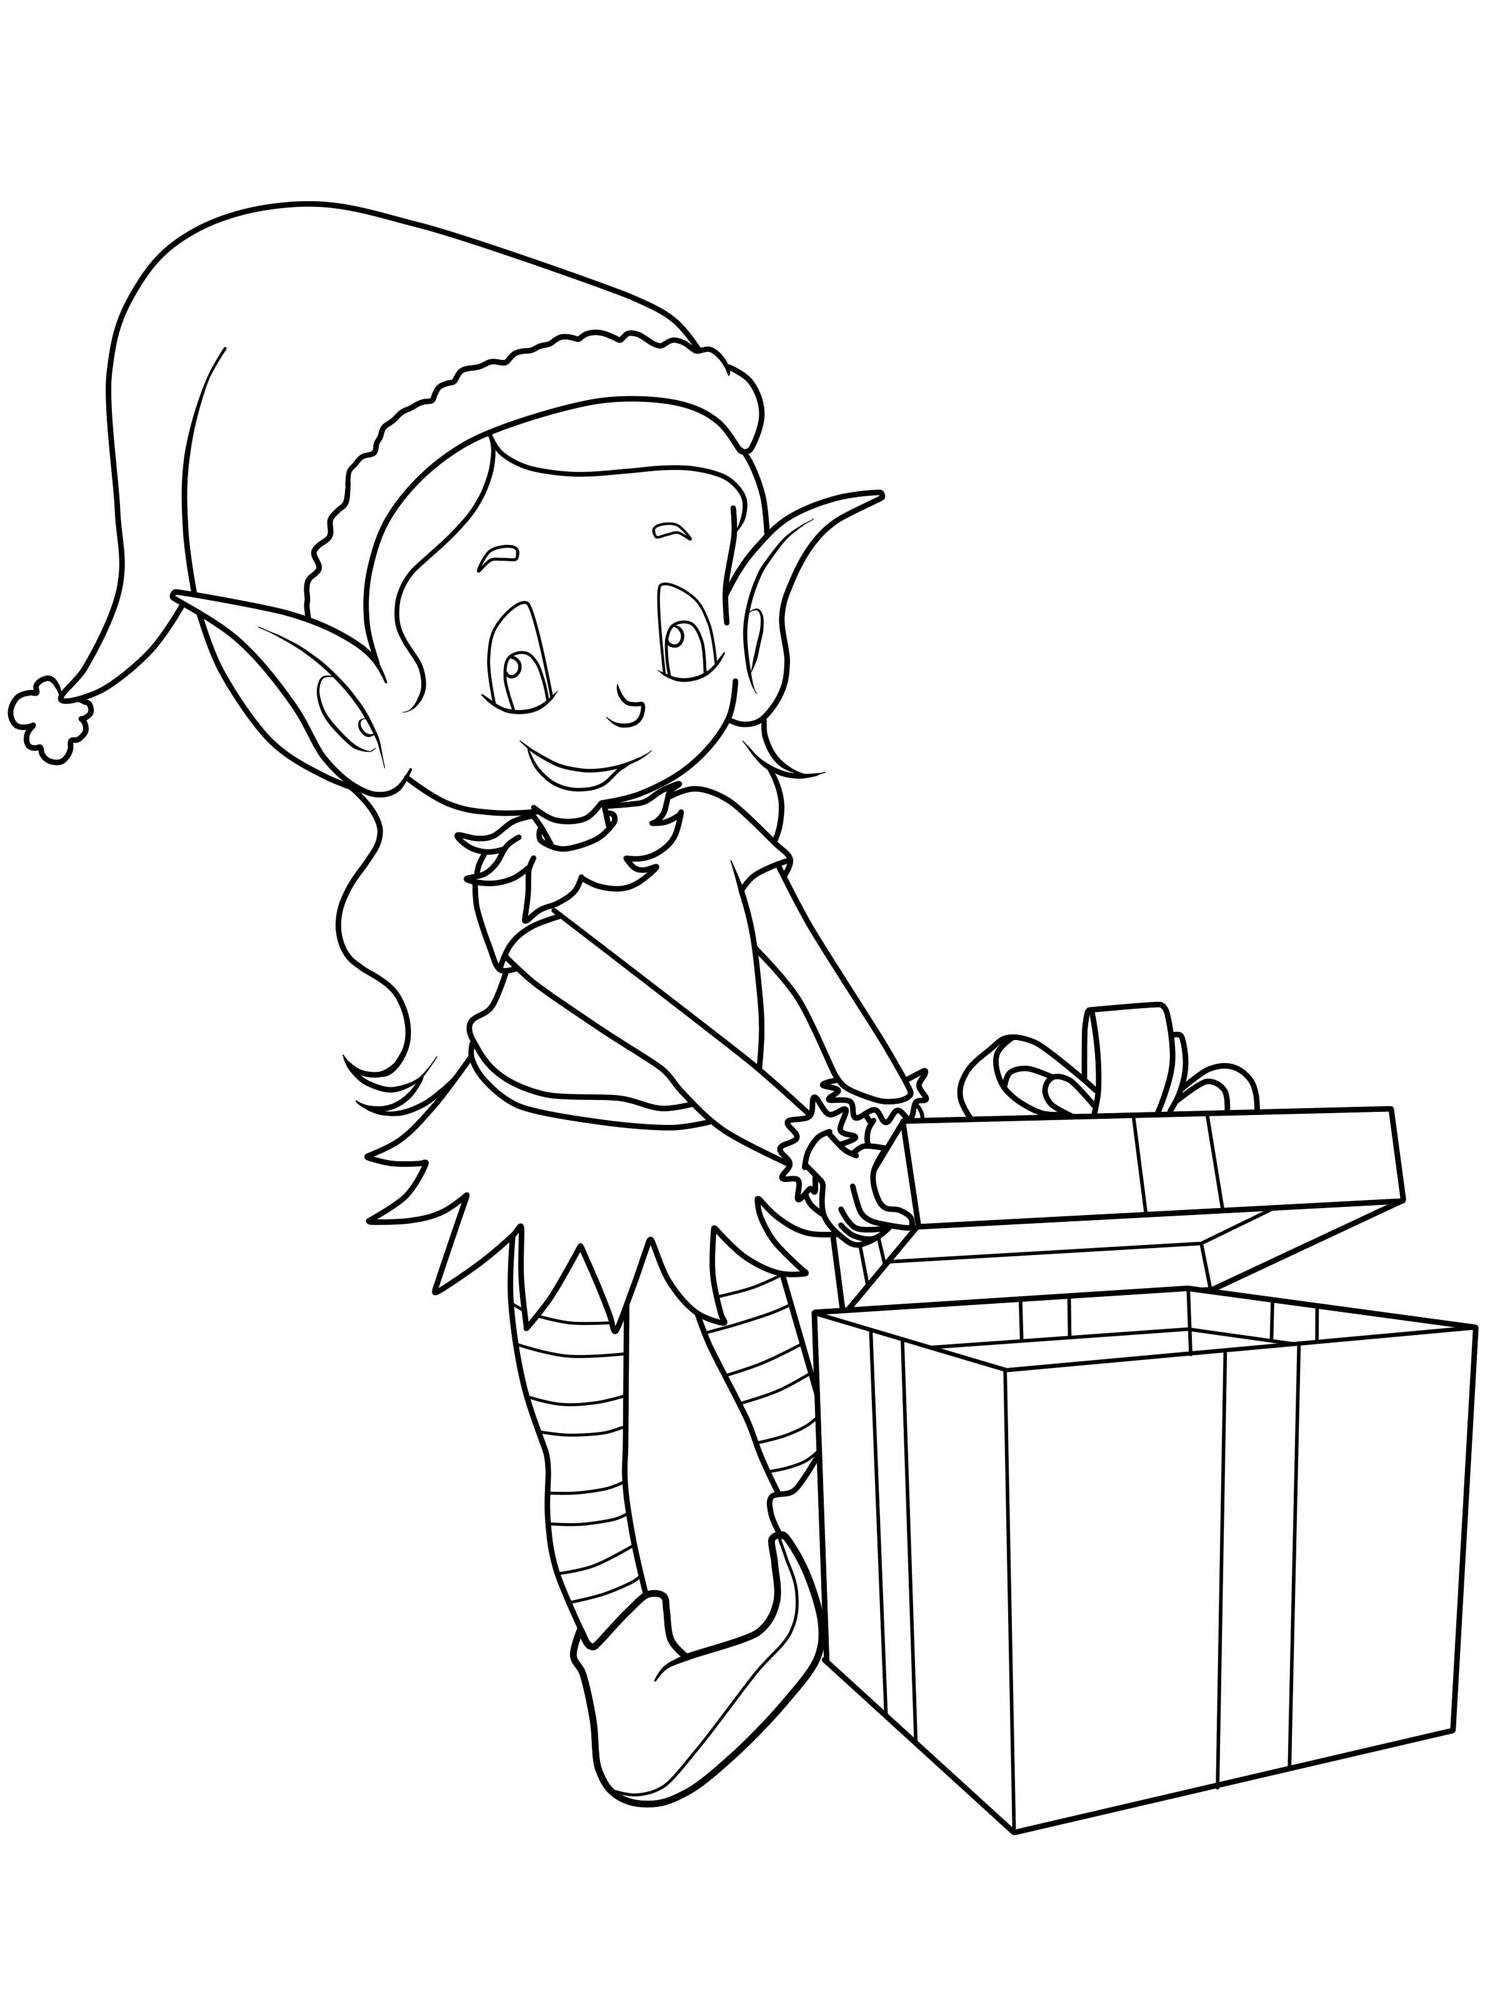 Kostenlose Malvorlage Weihnachten: Elf mit Weihnachtsgeschenk zum ...